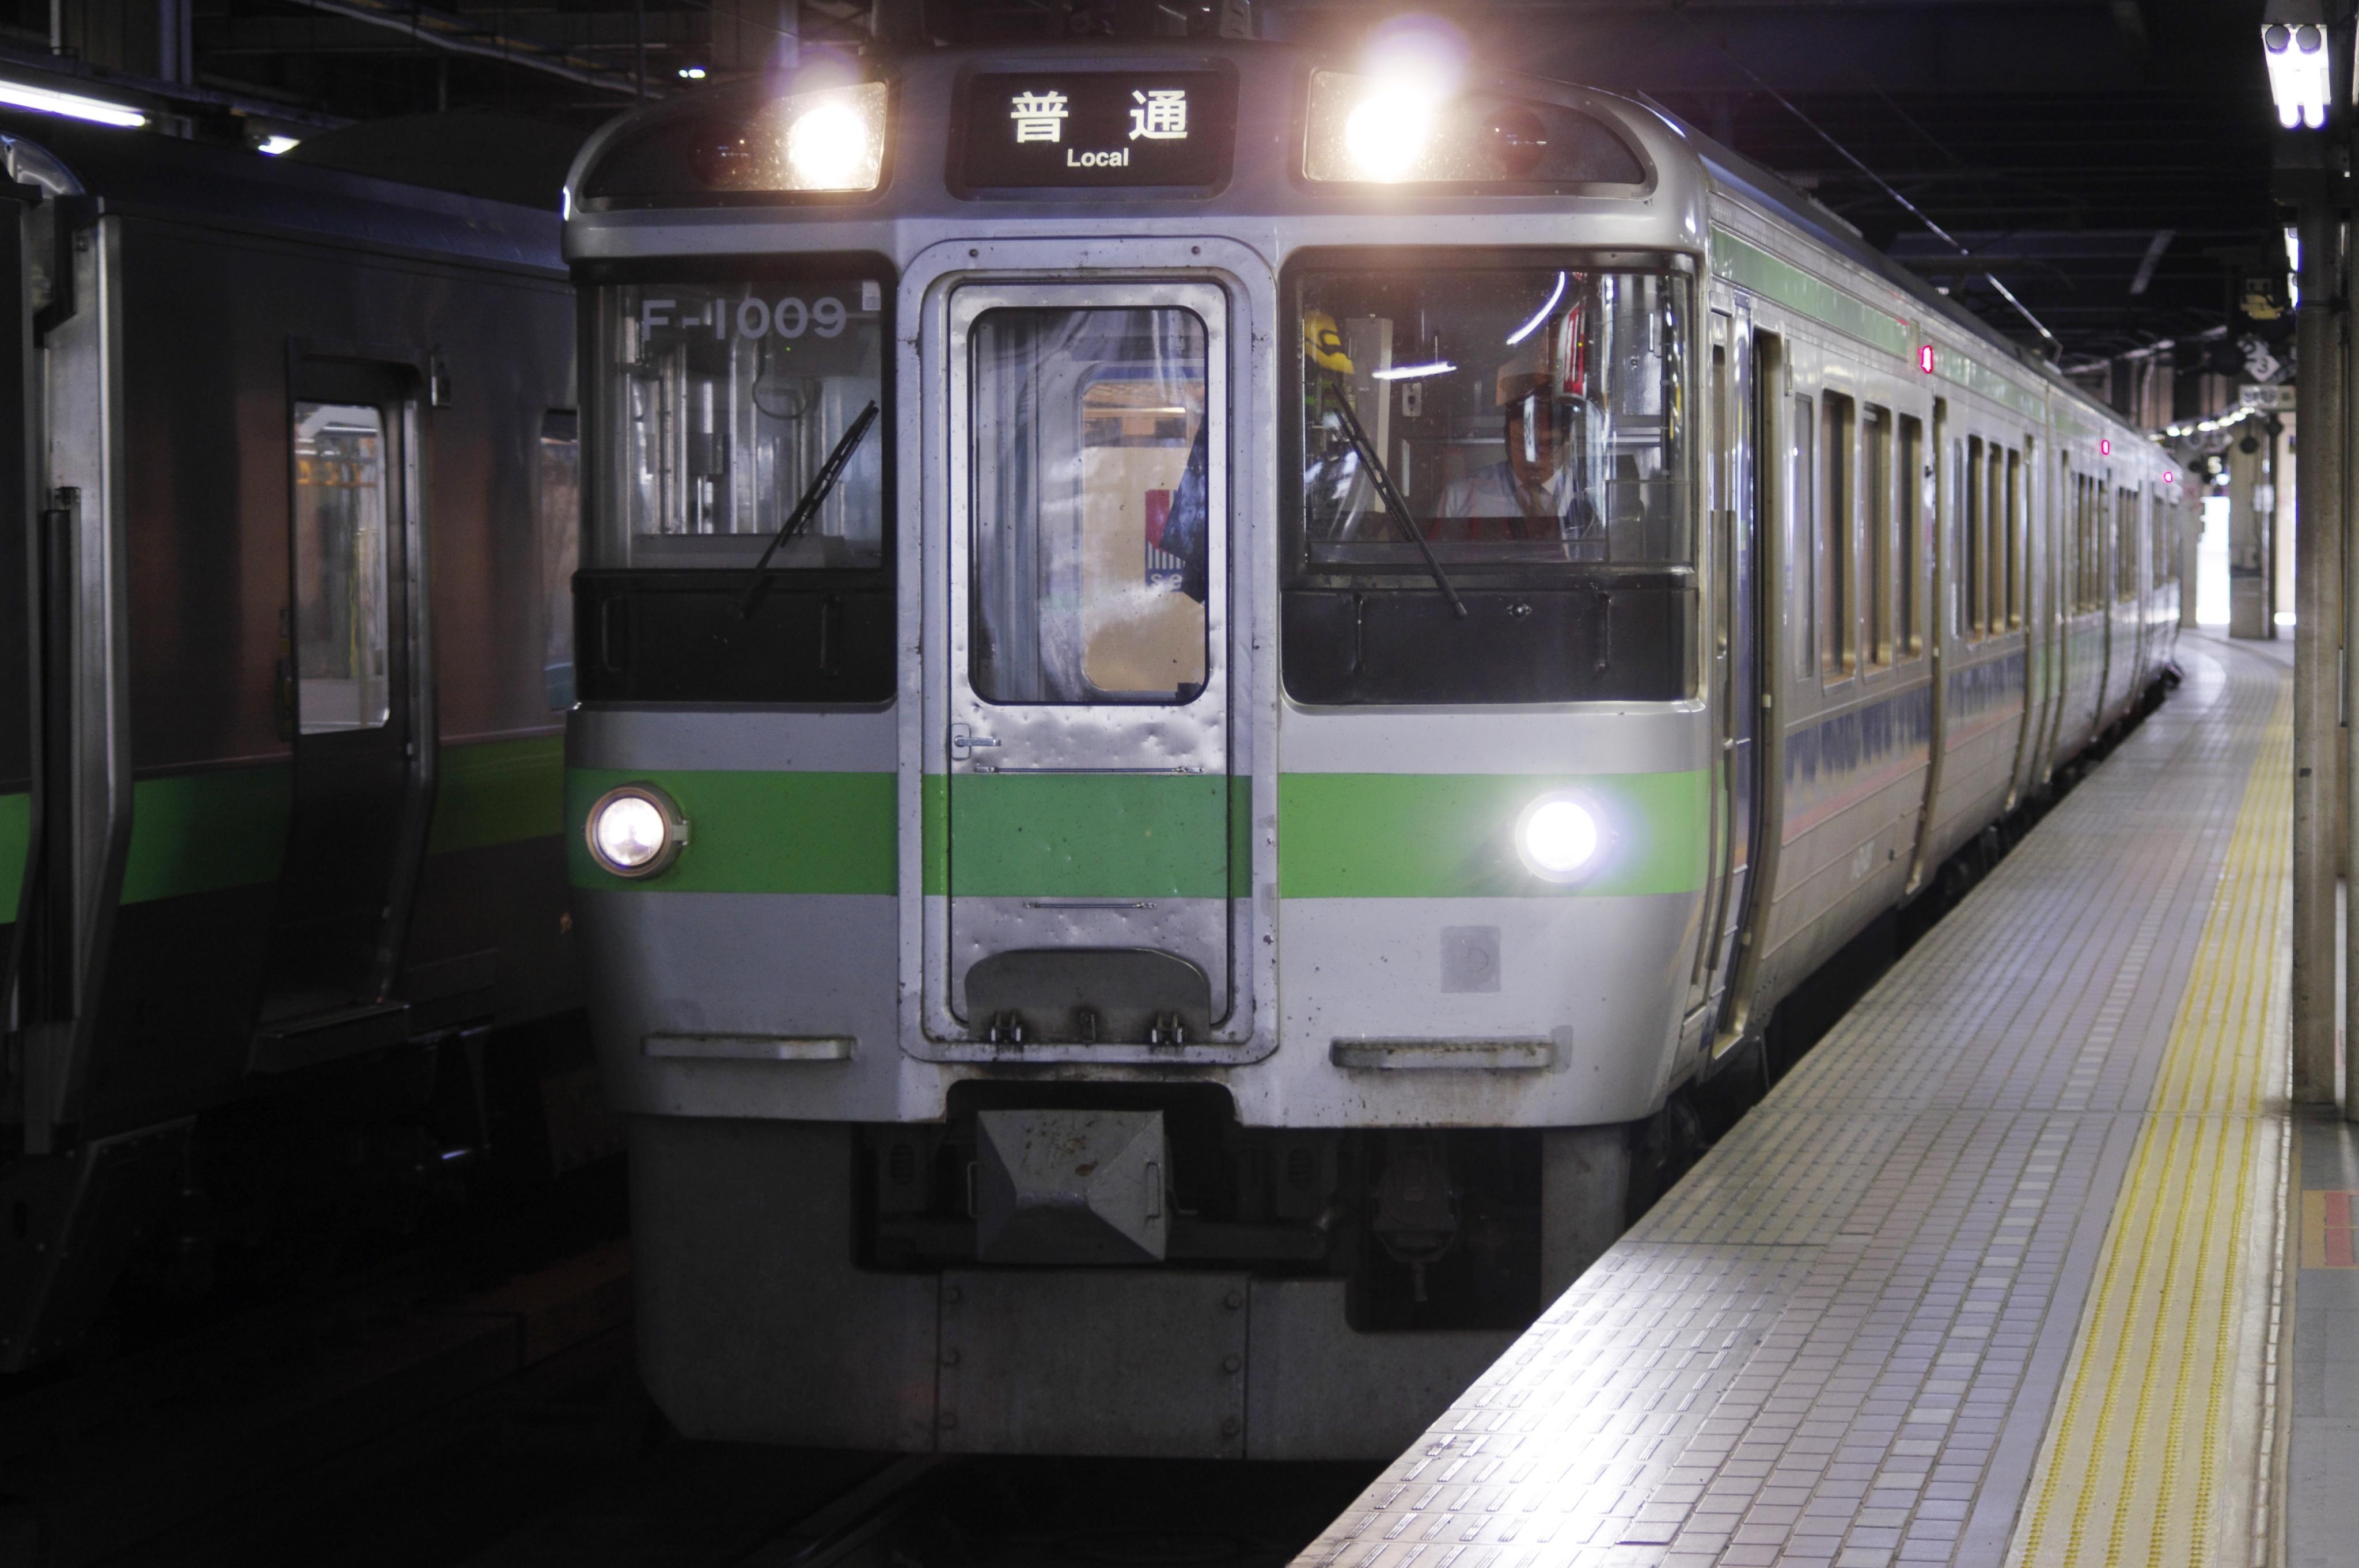 札幌駅 721系F1009編成 223Mアップ_180520.jpg